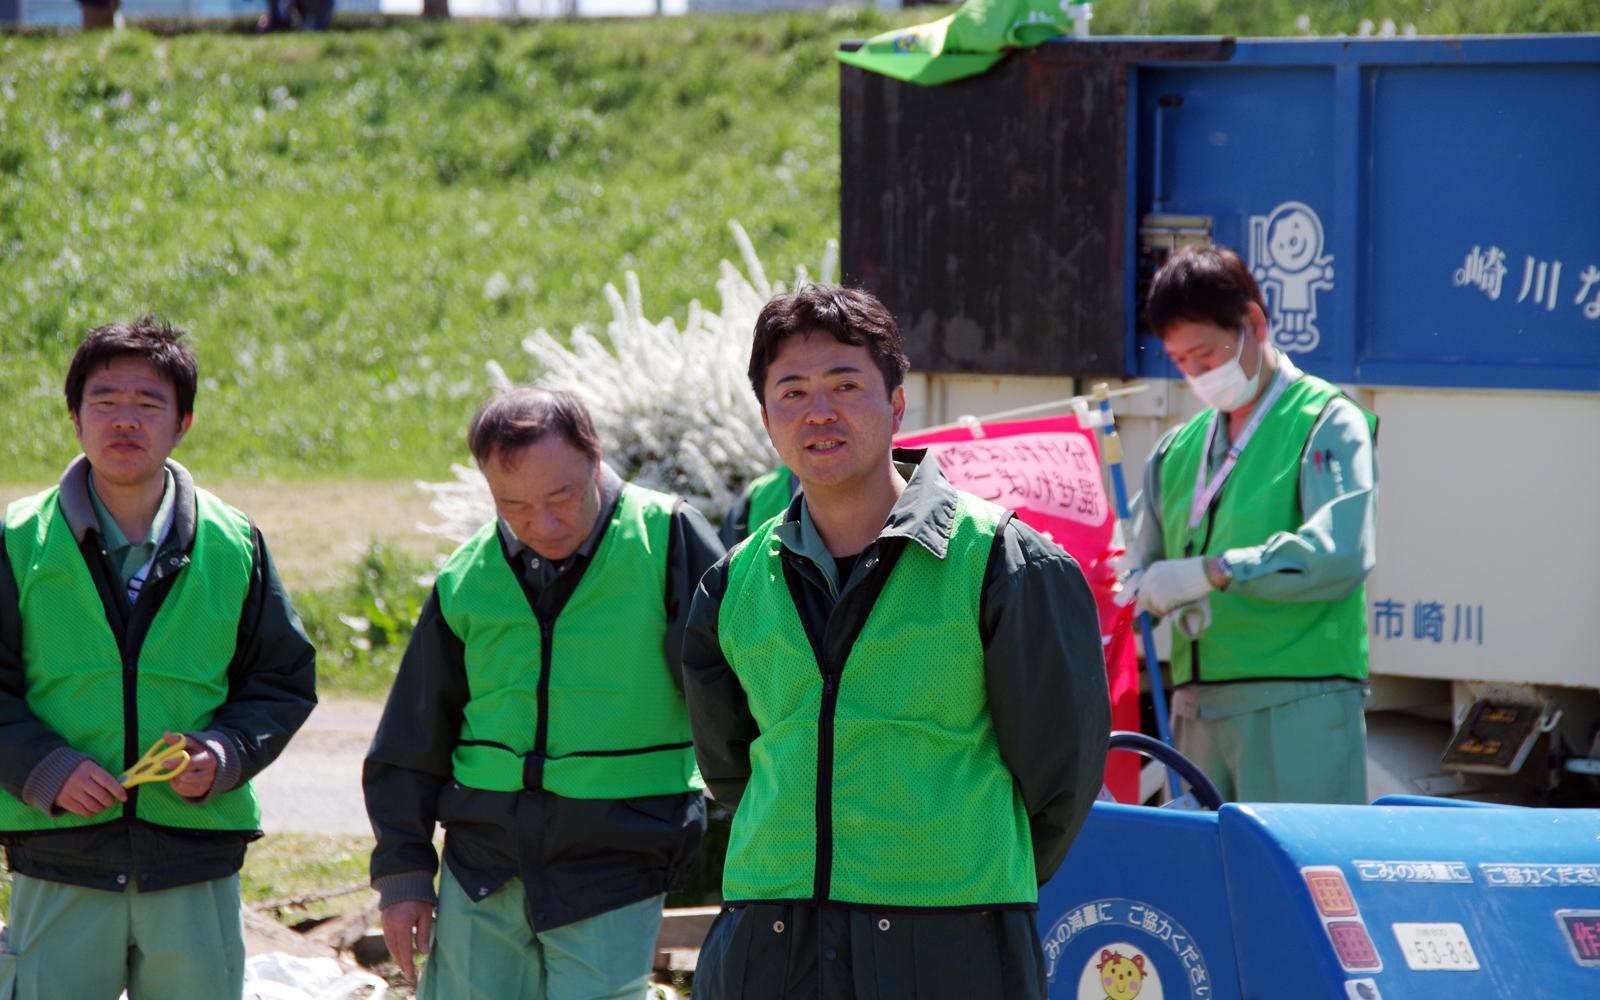 多摩川クリーンアップ・焼き芋大会